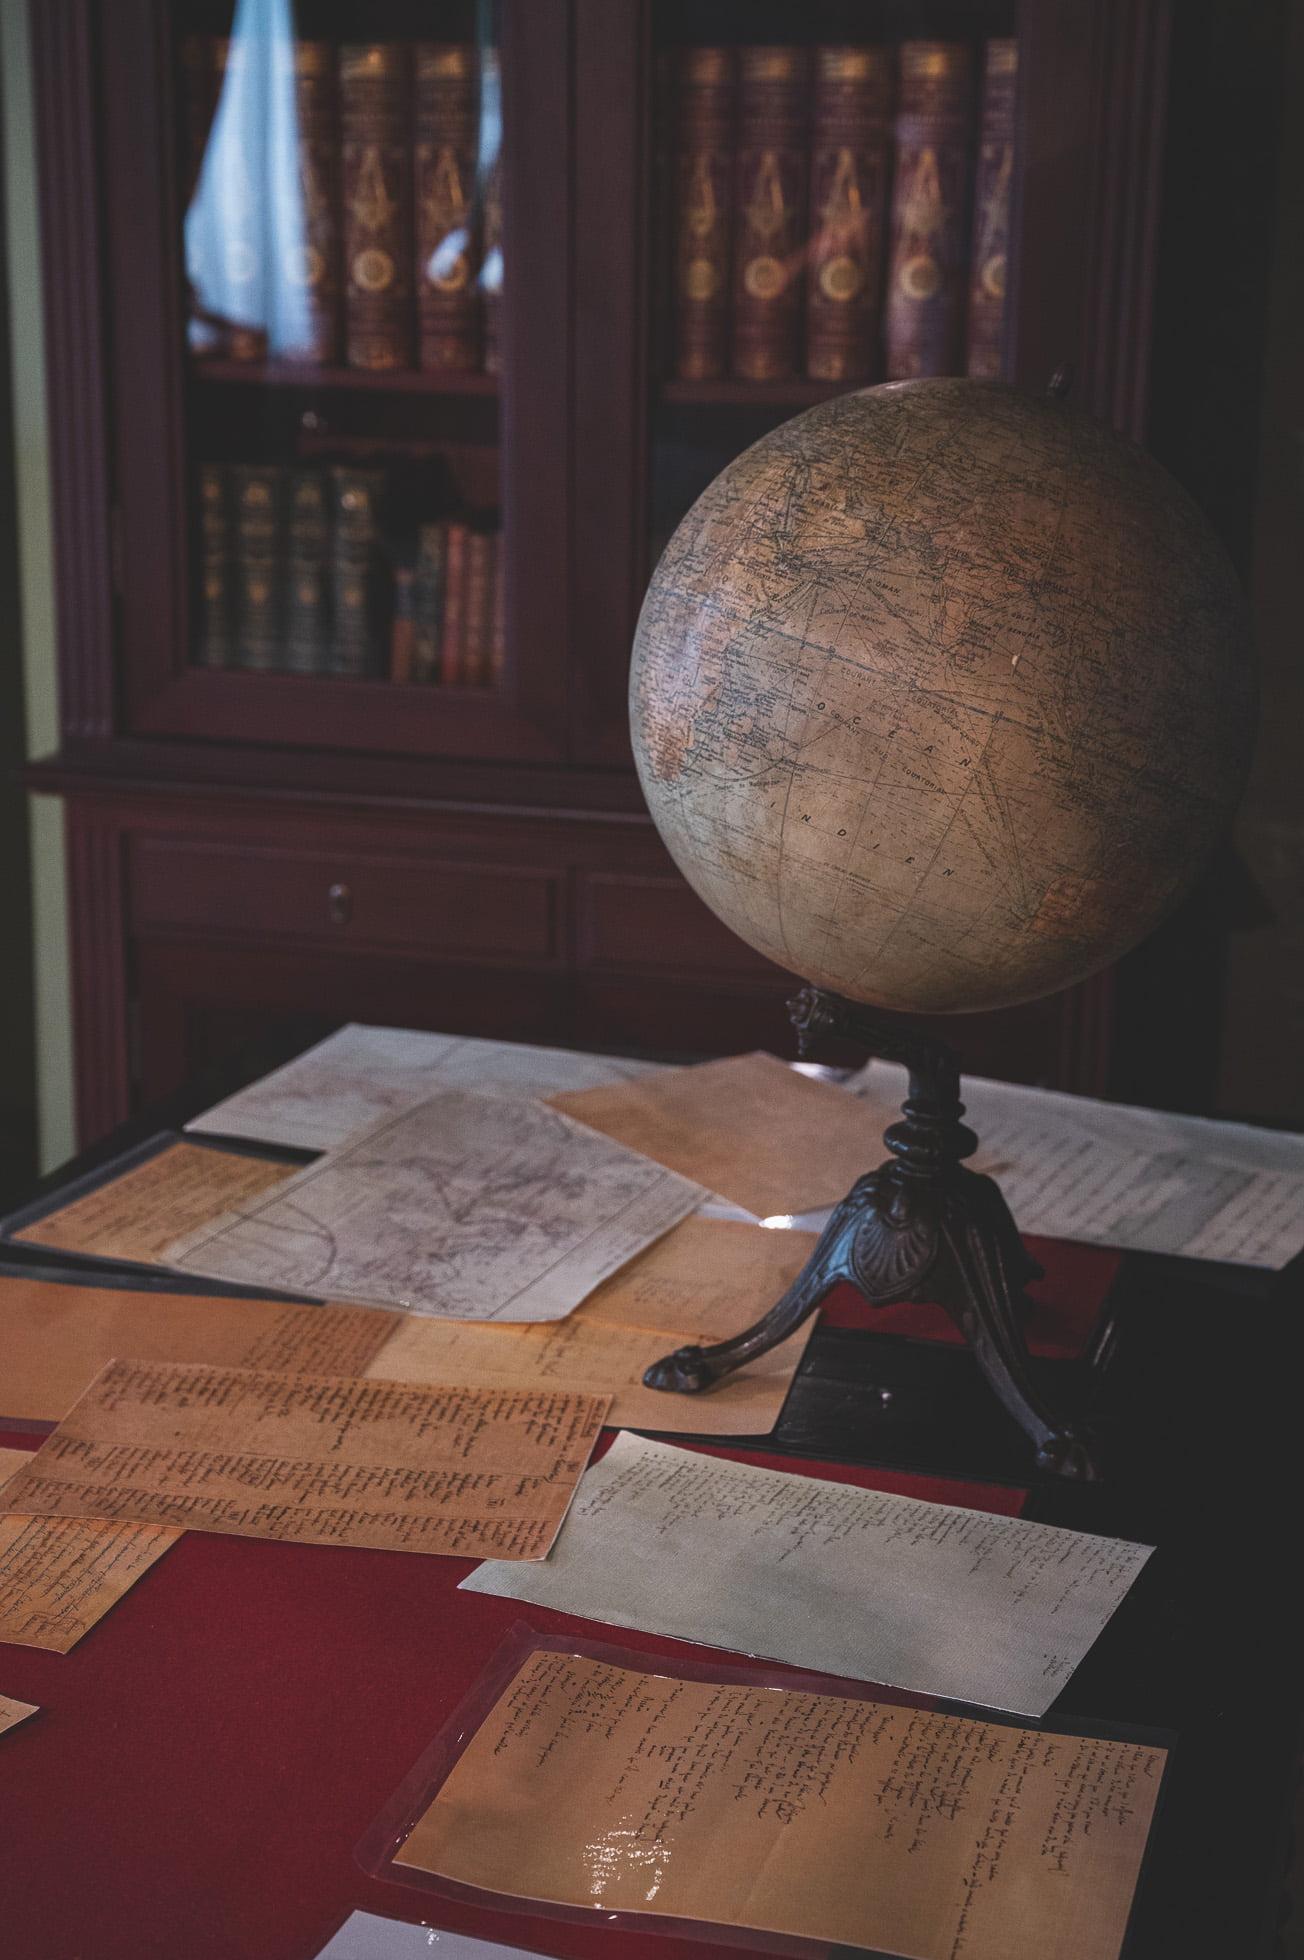 amiens 1172 - Les globe blogueurs - blog voyage nature